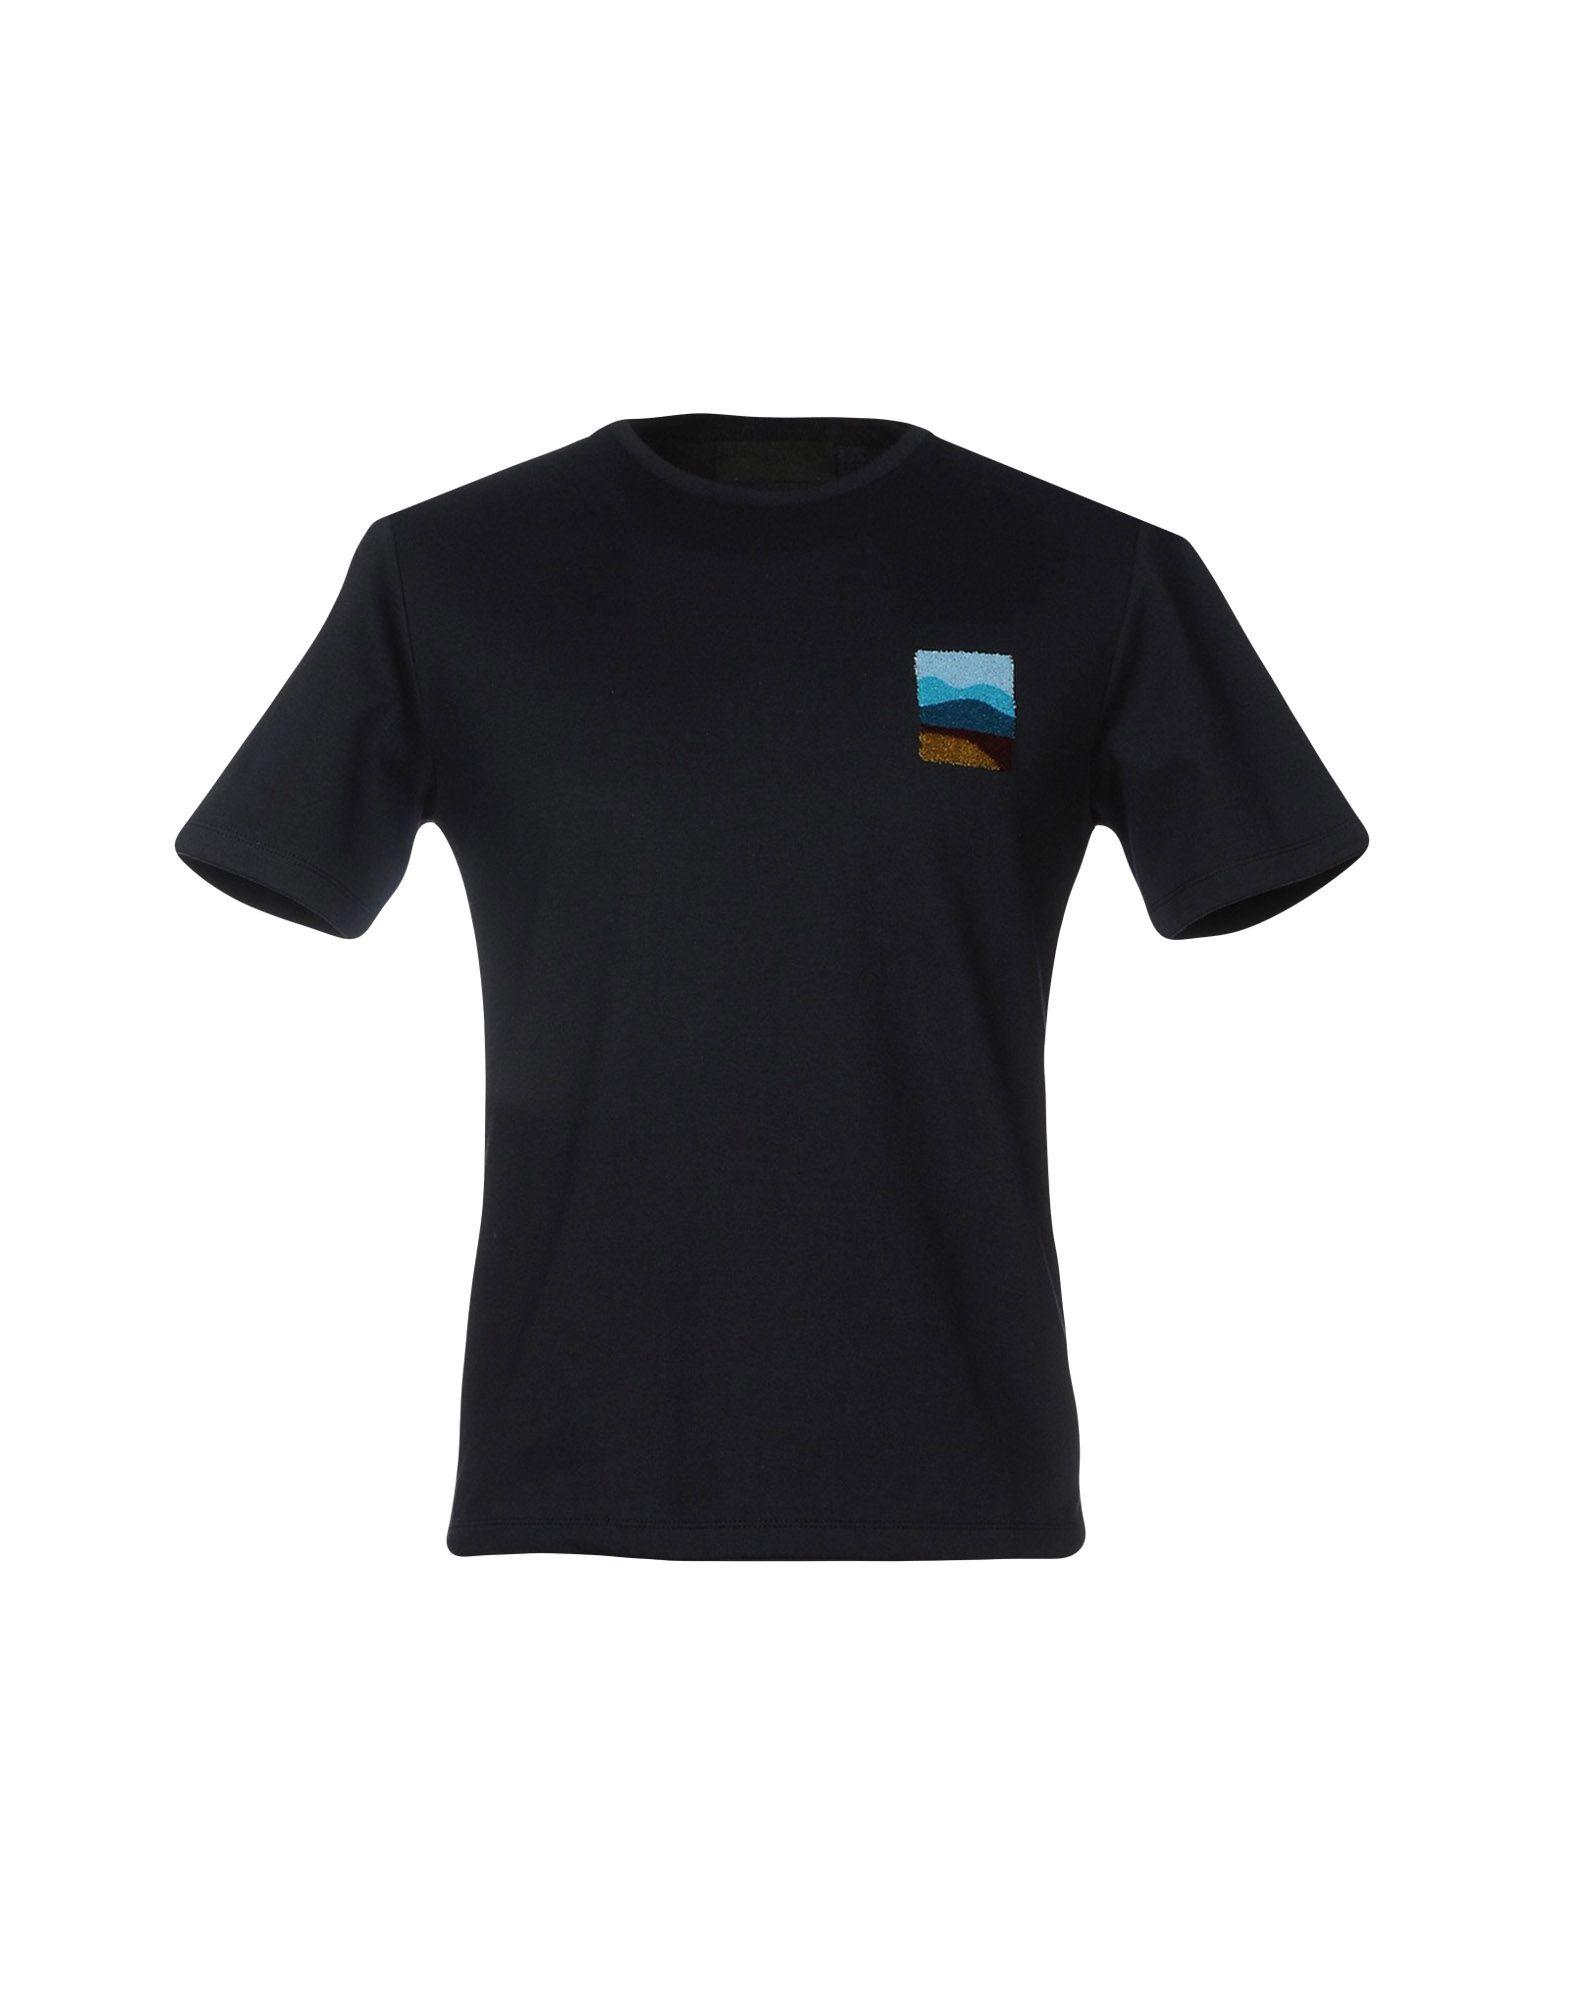 A buon mercato A buon mercato T-Shirt T-Shirt mercato Plac Uomo - 12117731PQ 562eaf